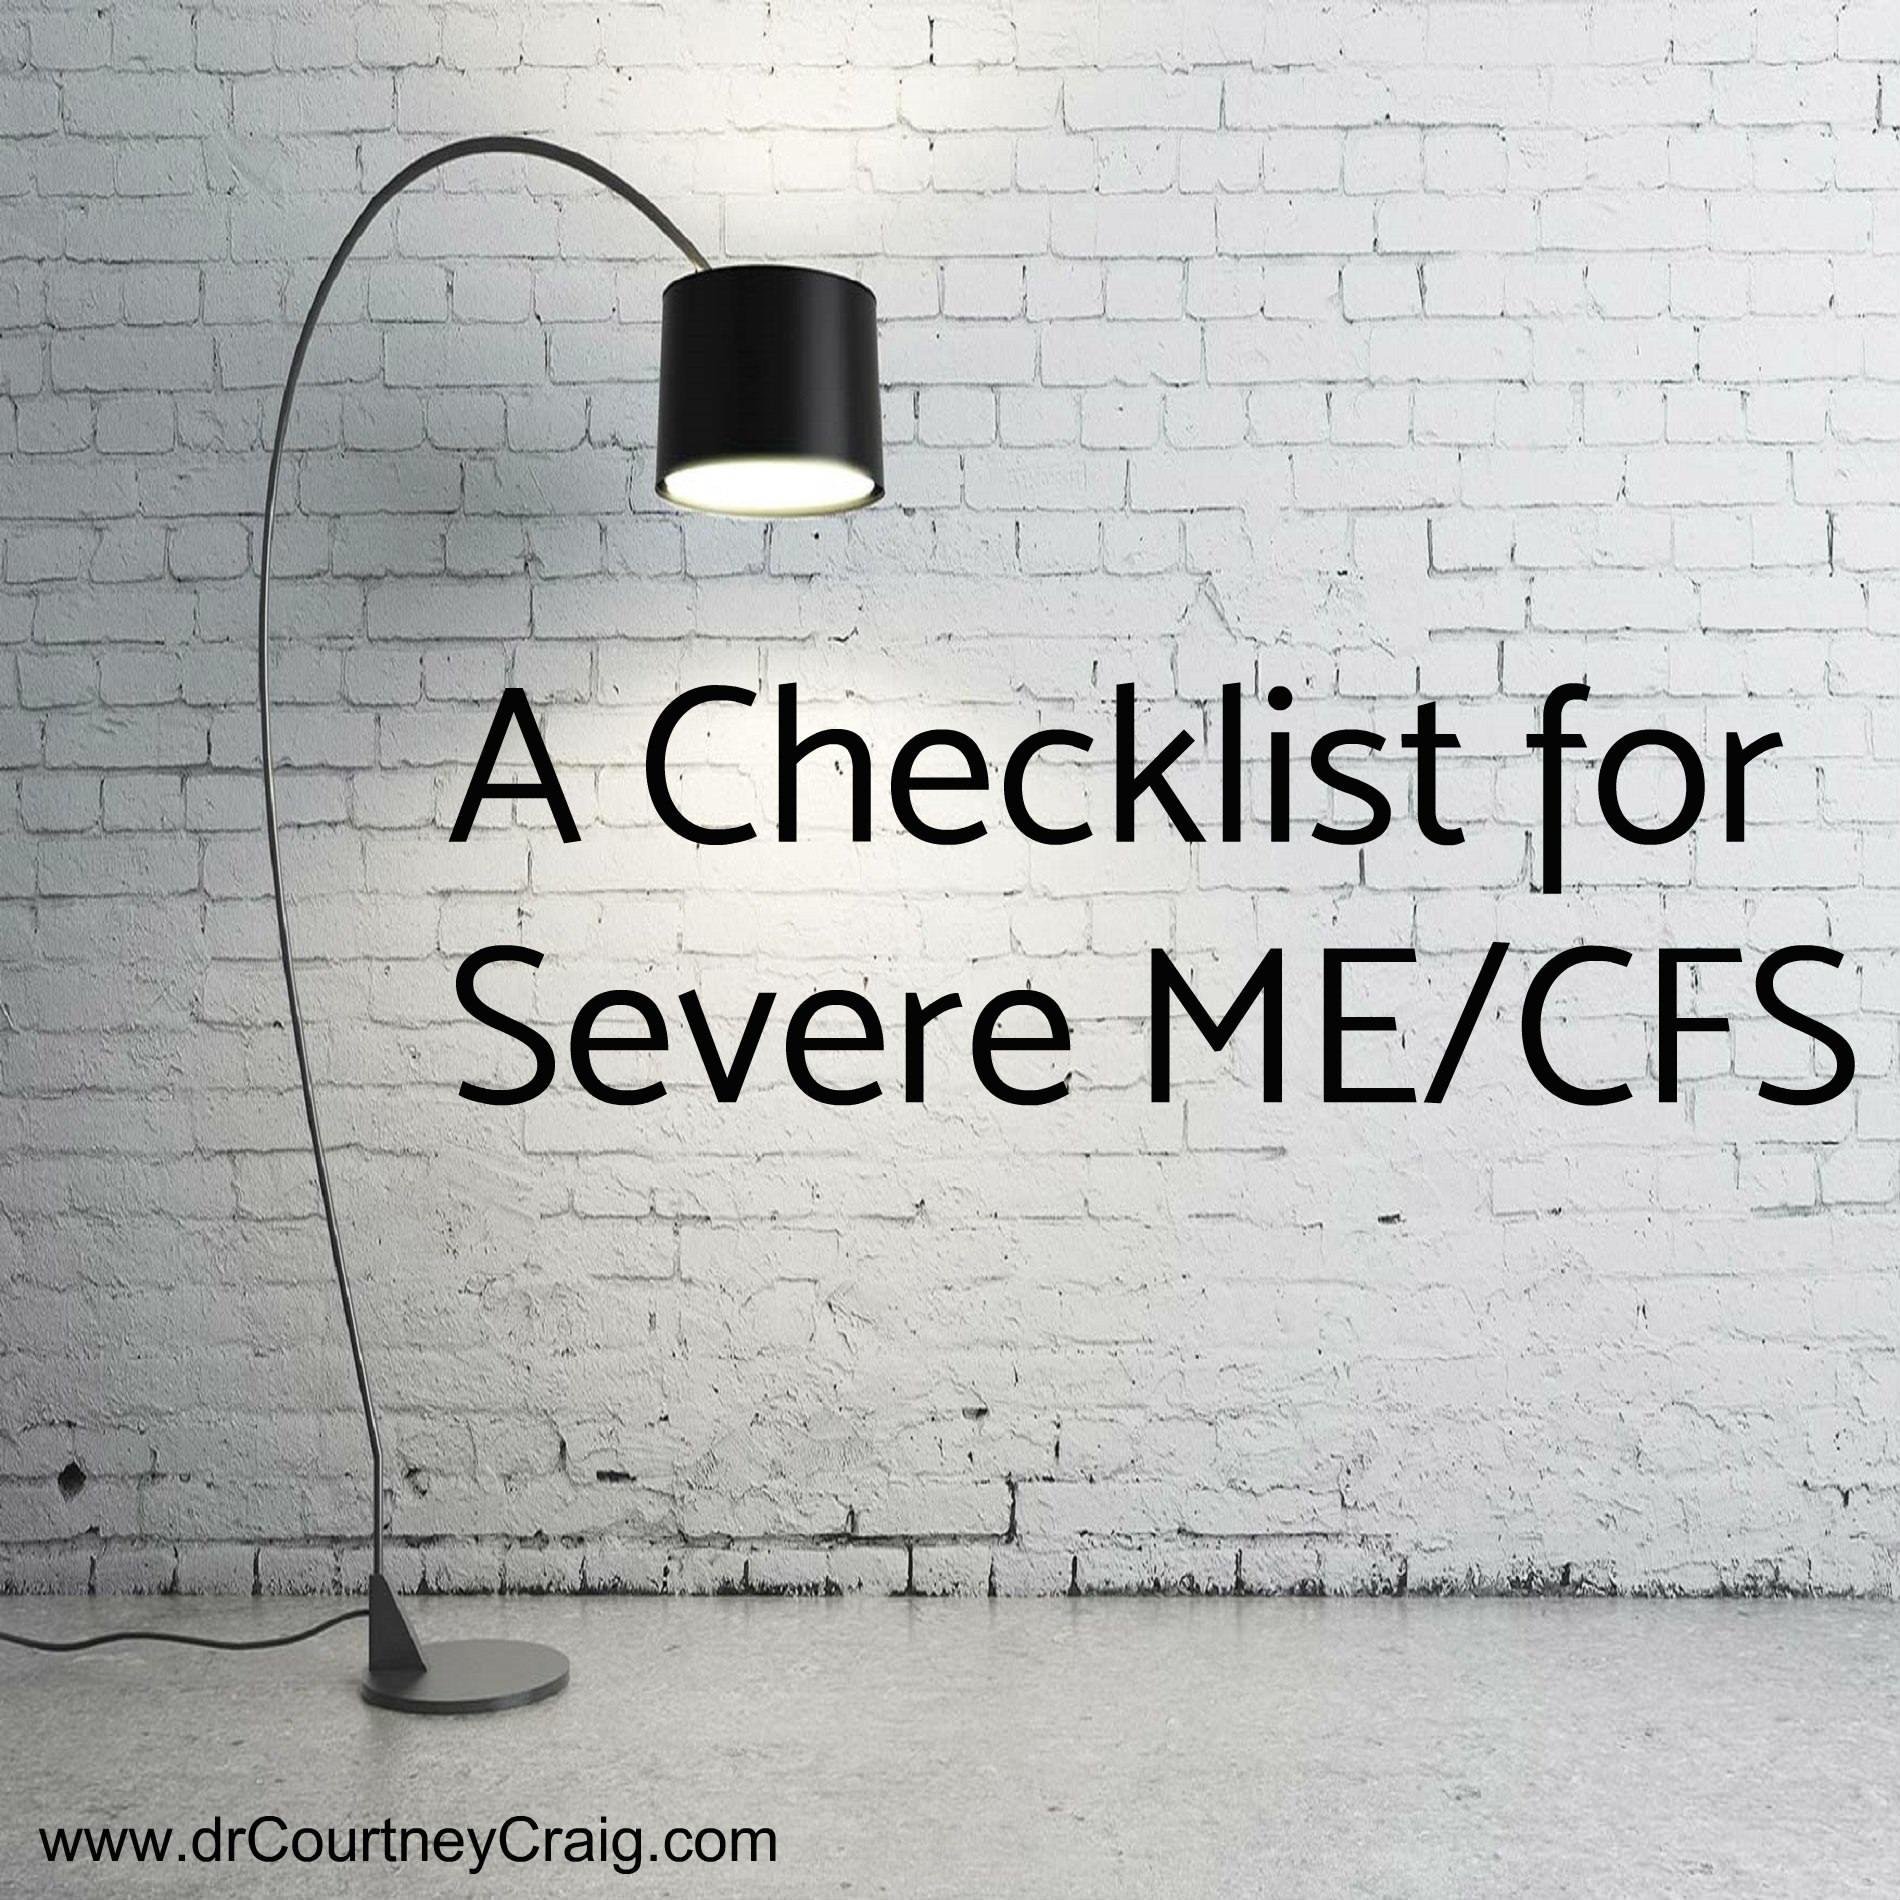 severe mecfs.jpg